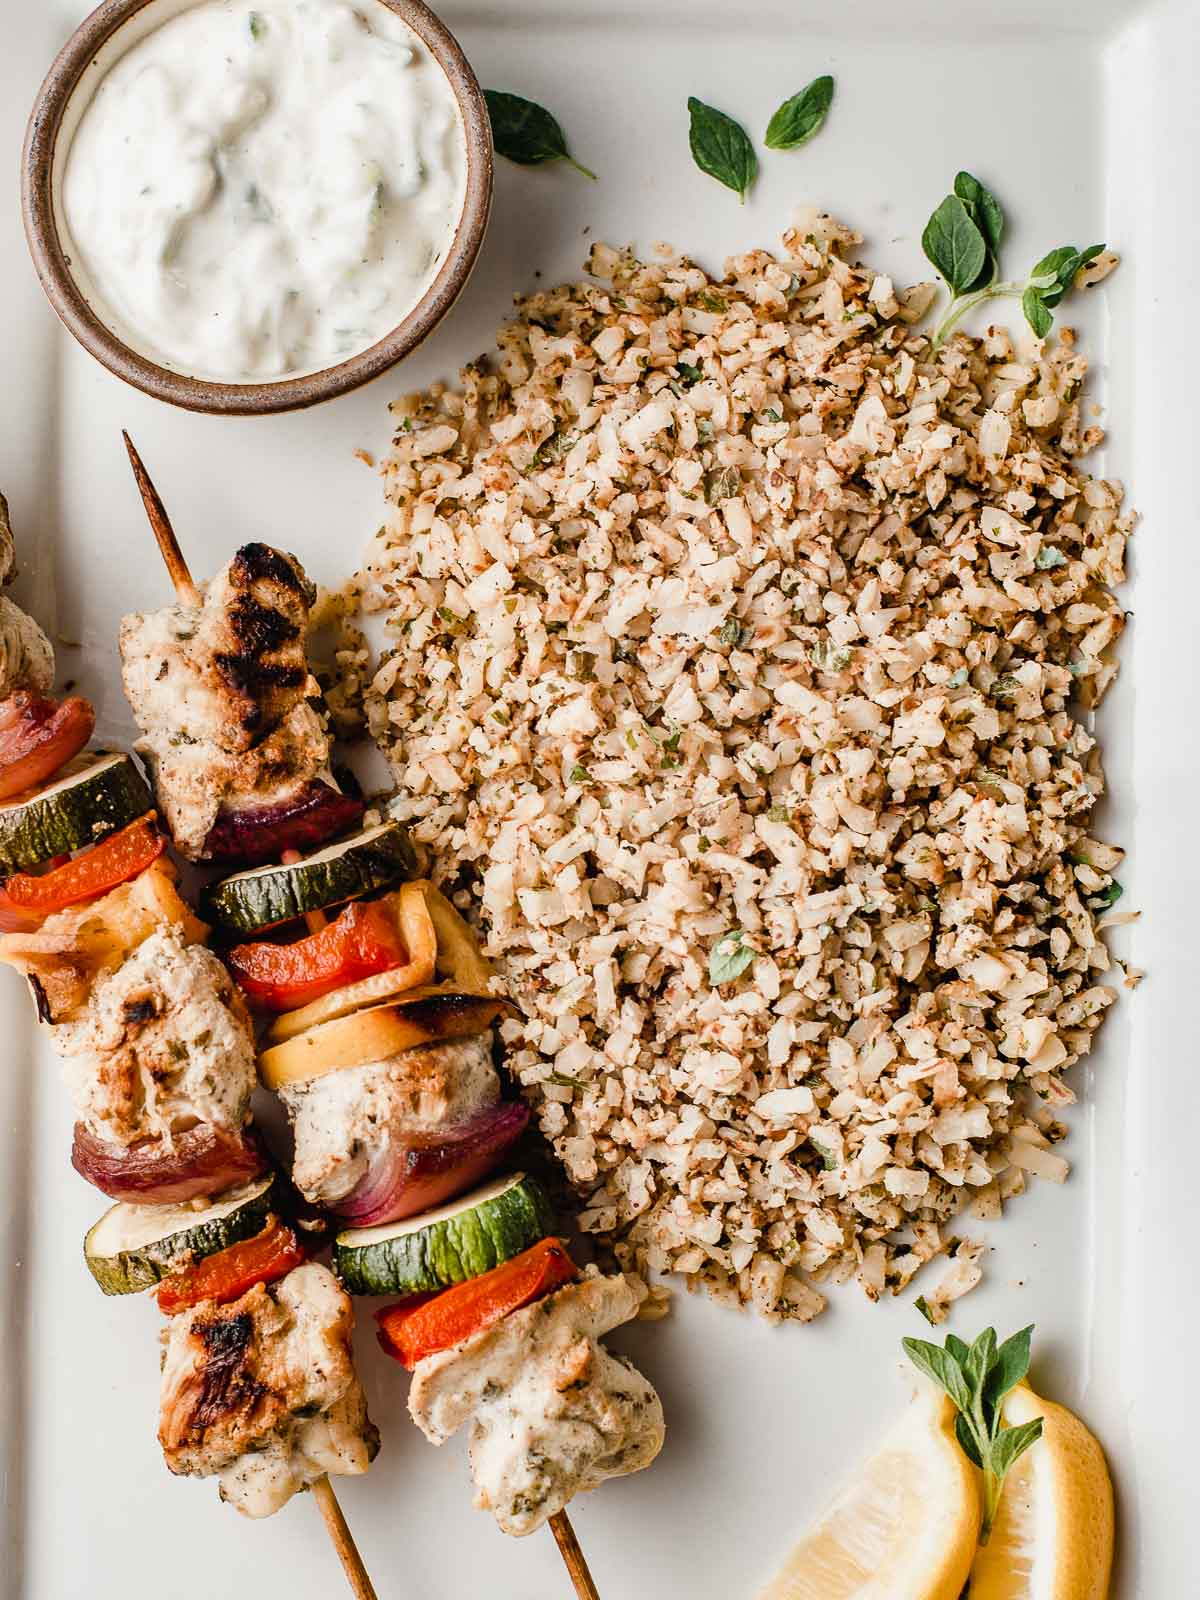 Greek cauliflower rice with chicken kabobs.